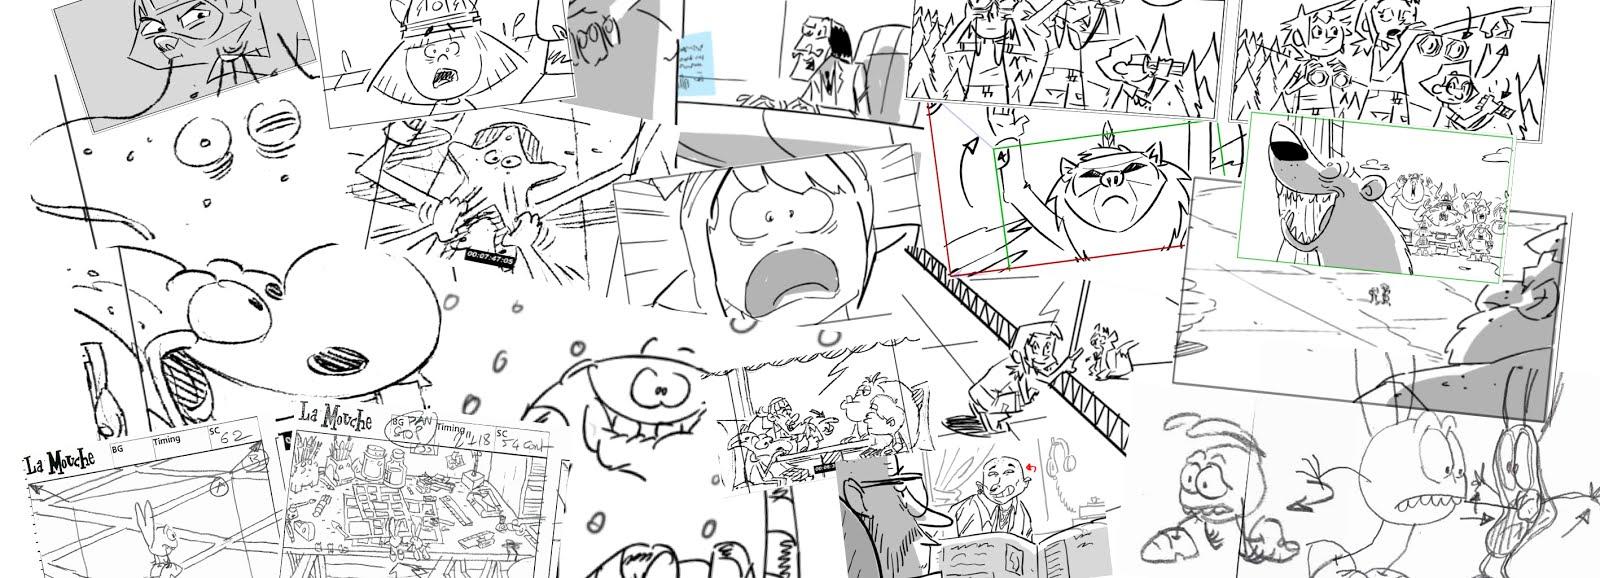 STORY-BOARDS pdf